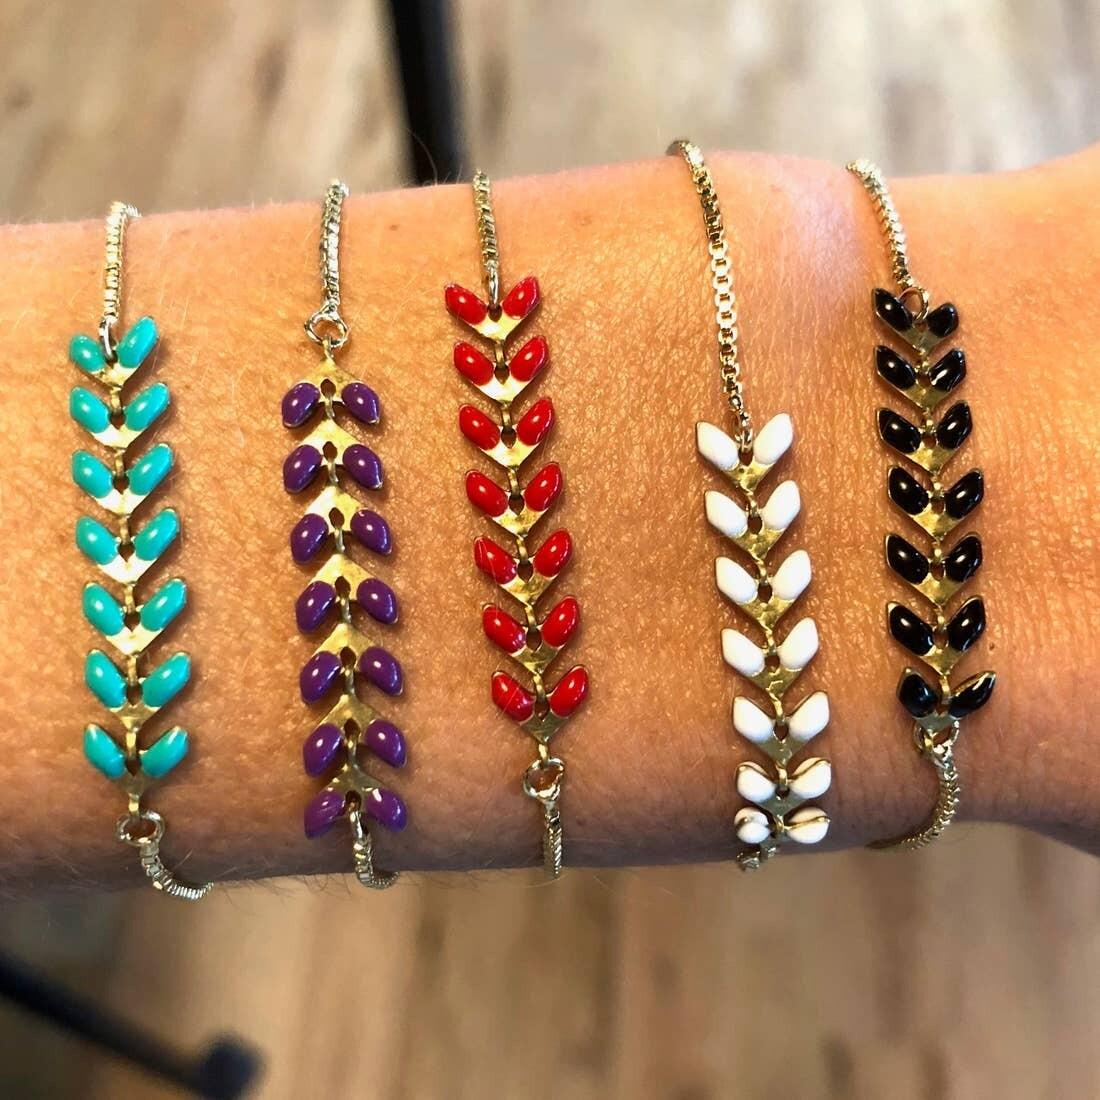 V-Link Slider Bracelets